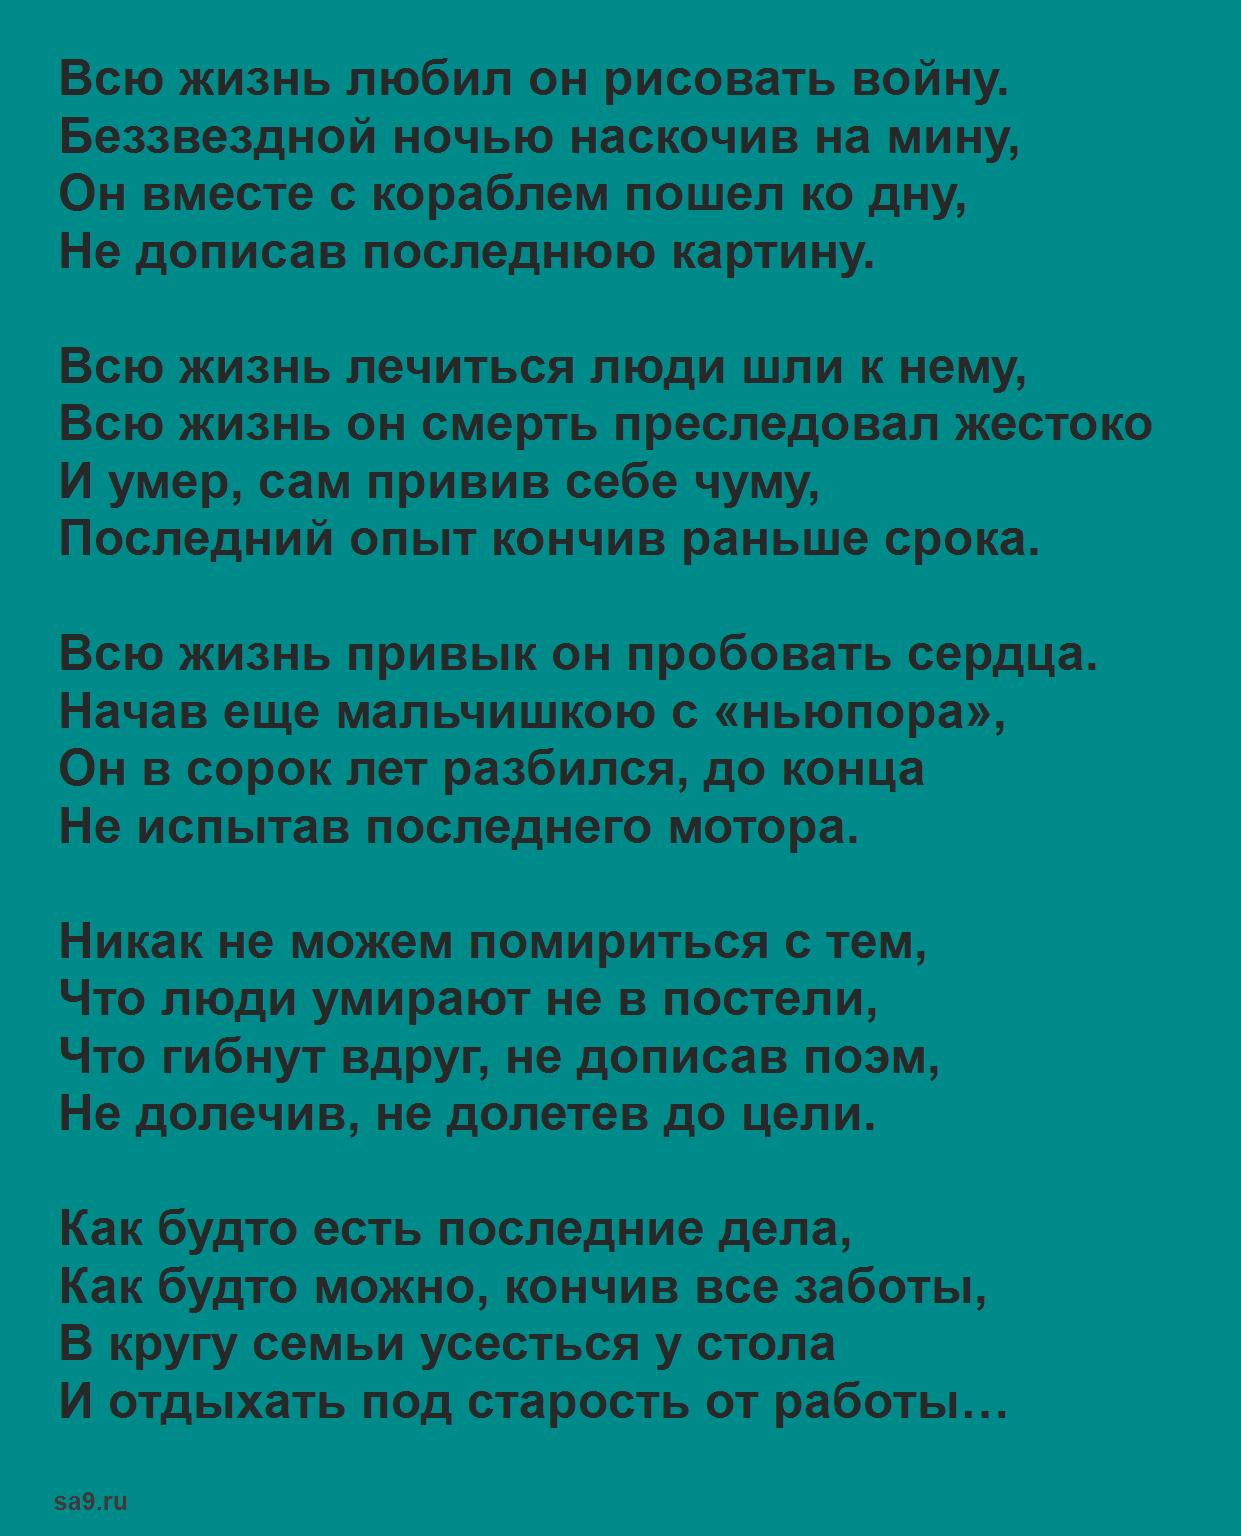 Константин Симонов стихи о войне - Всю жизнь любил он рисовать войну